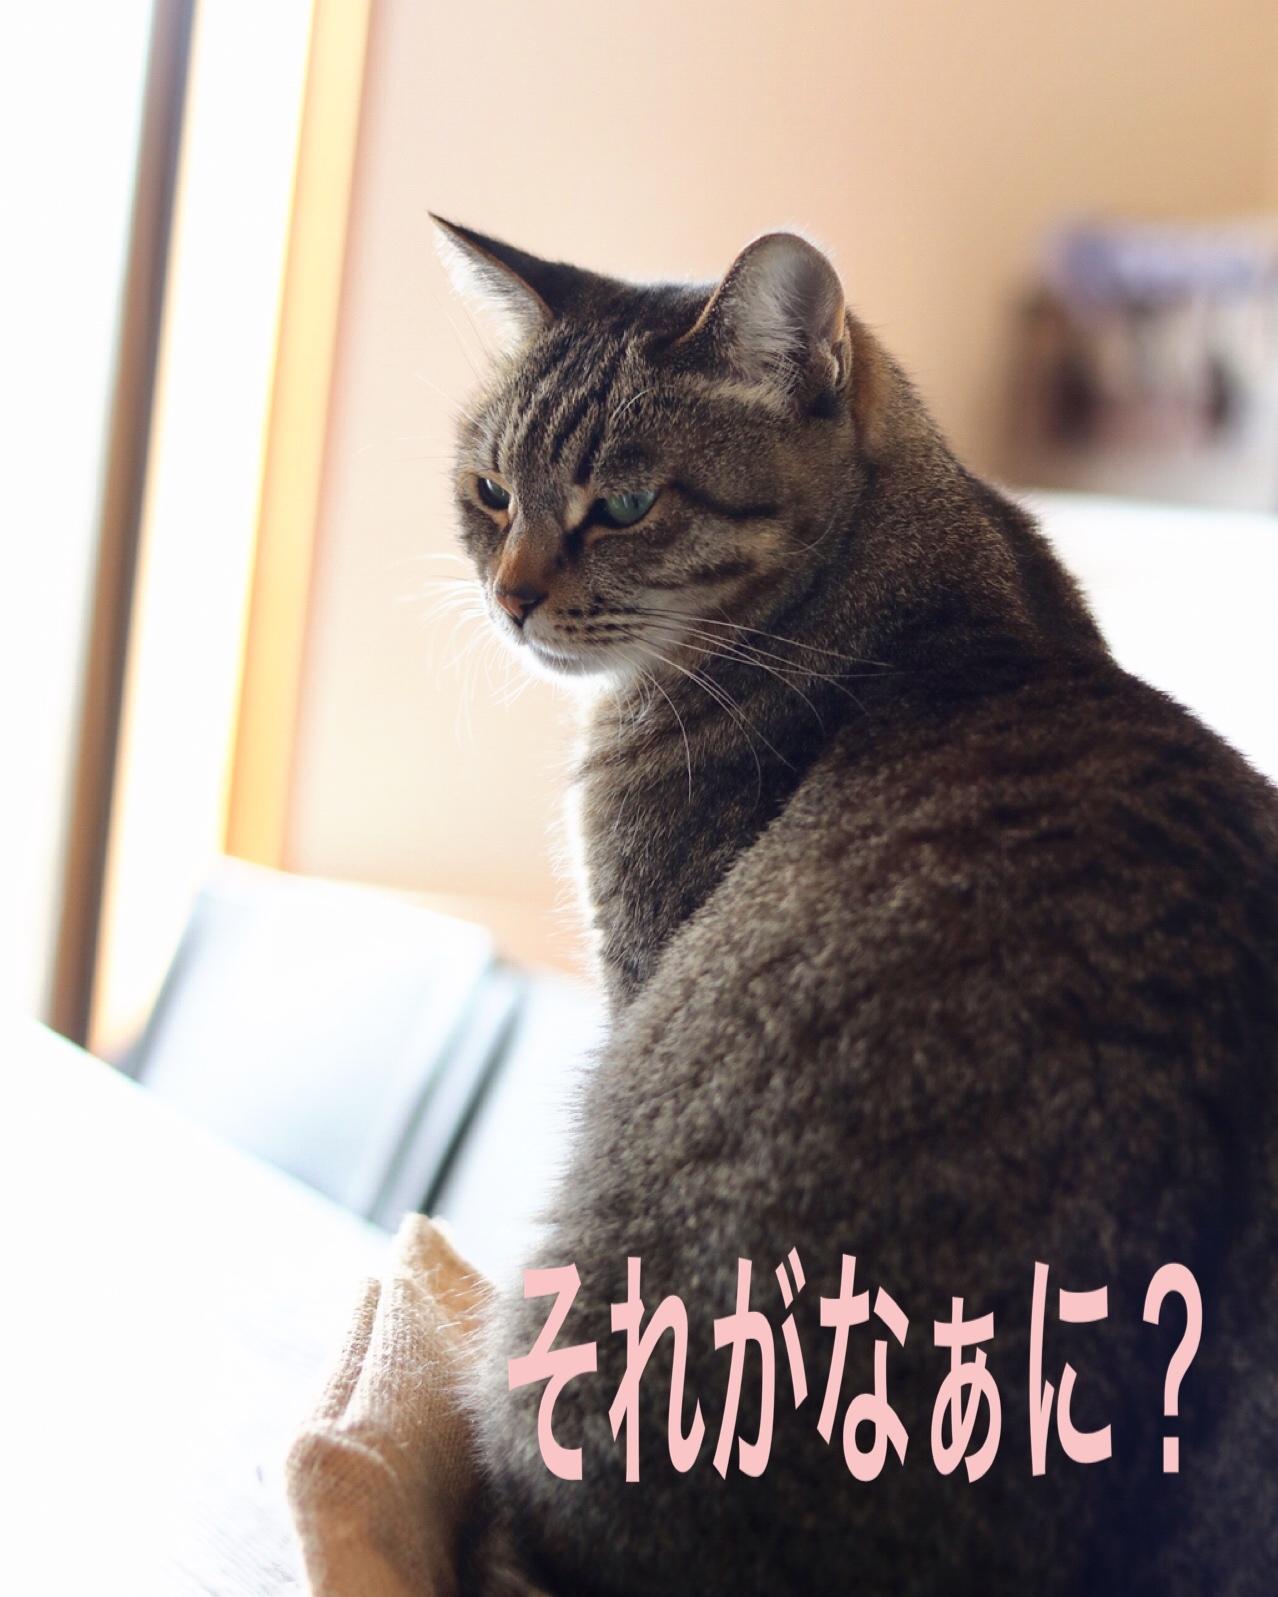 にゃんこ劇場「猫耳東風!」_c0366722_12232949.jpeg